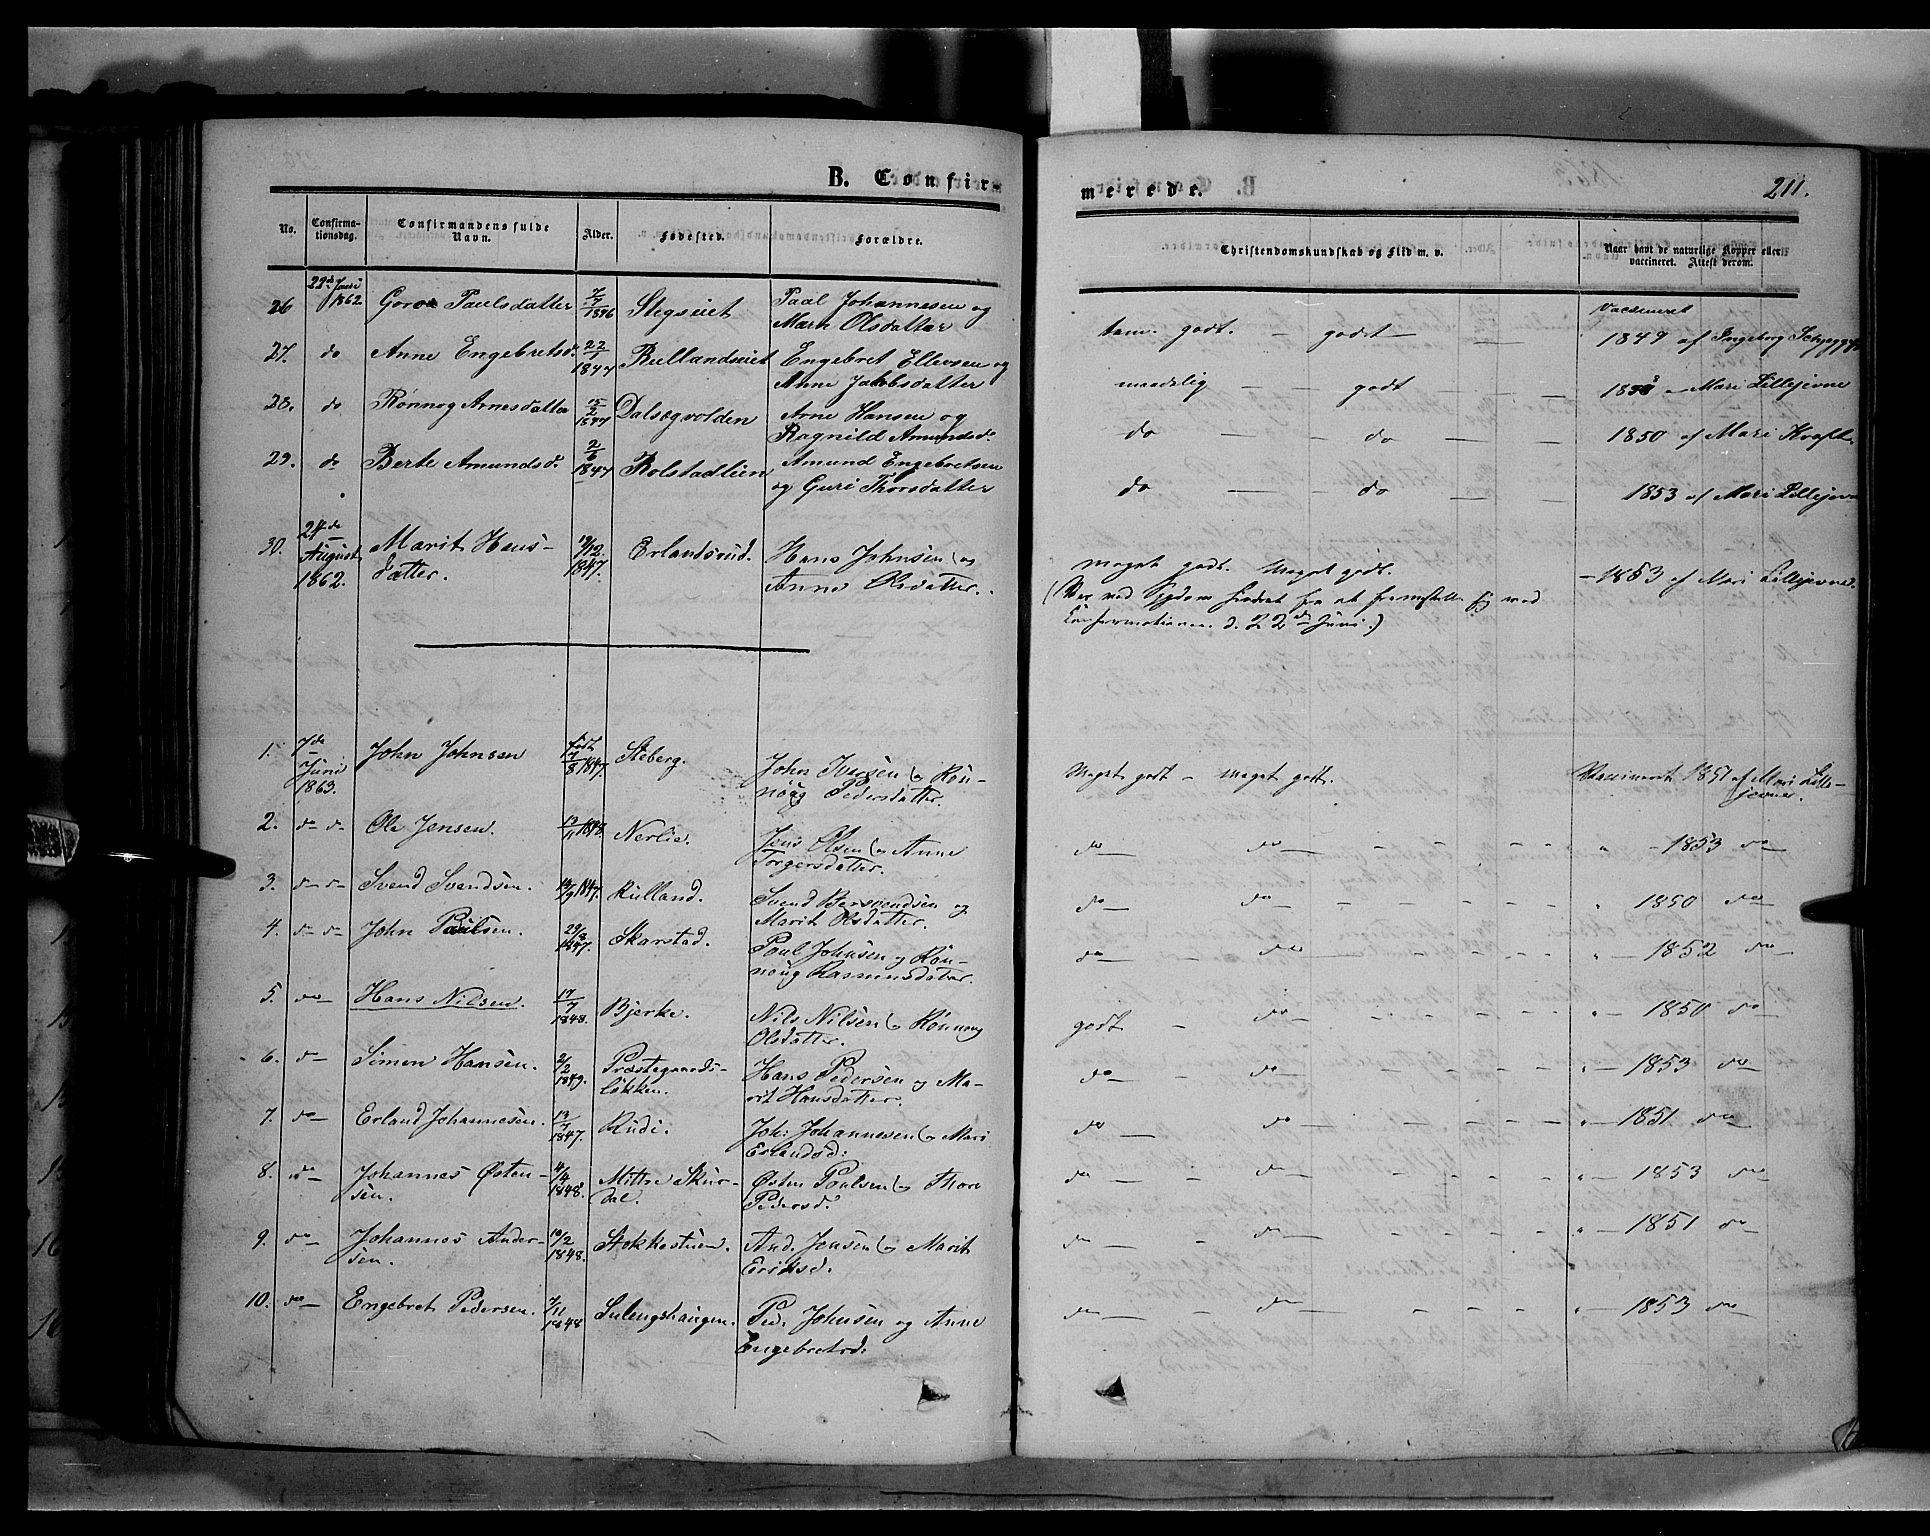 SAH, Sør-Fron prestekontor, H/Ha/Haa/L0001: Ministerialbok nr. 1, 1849-1863, s. 211